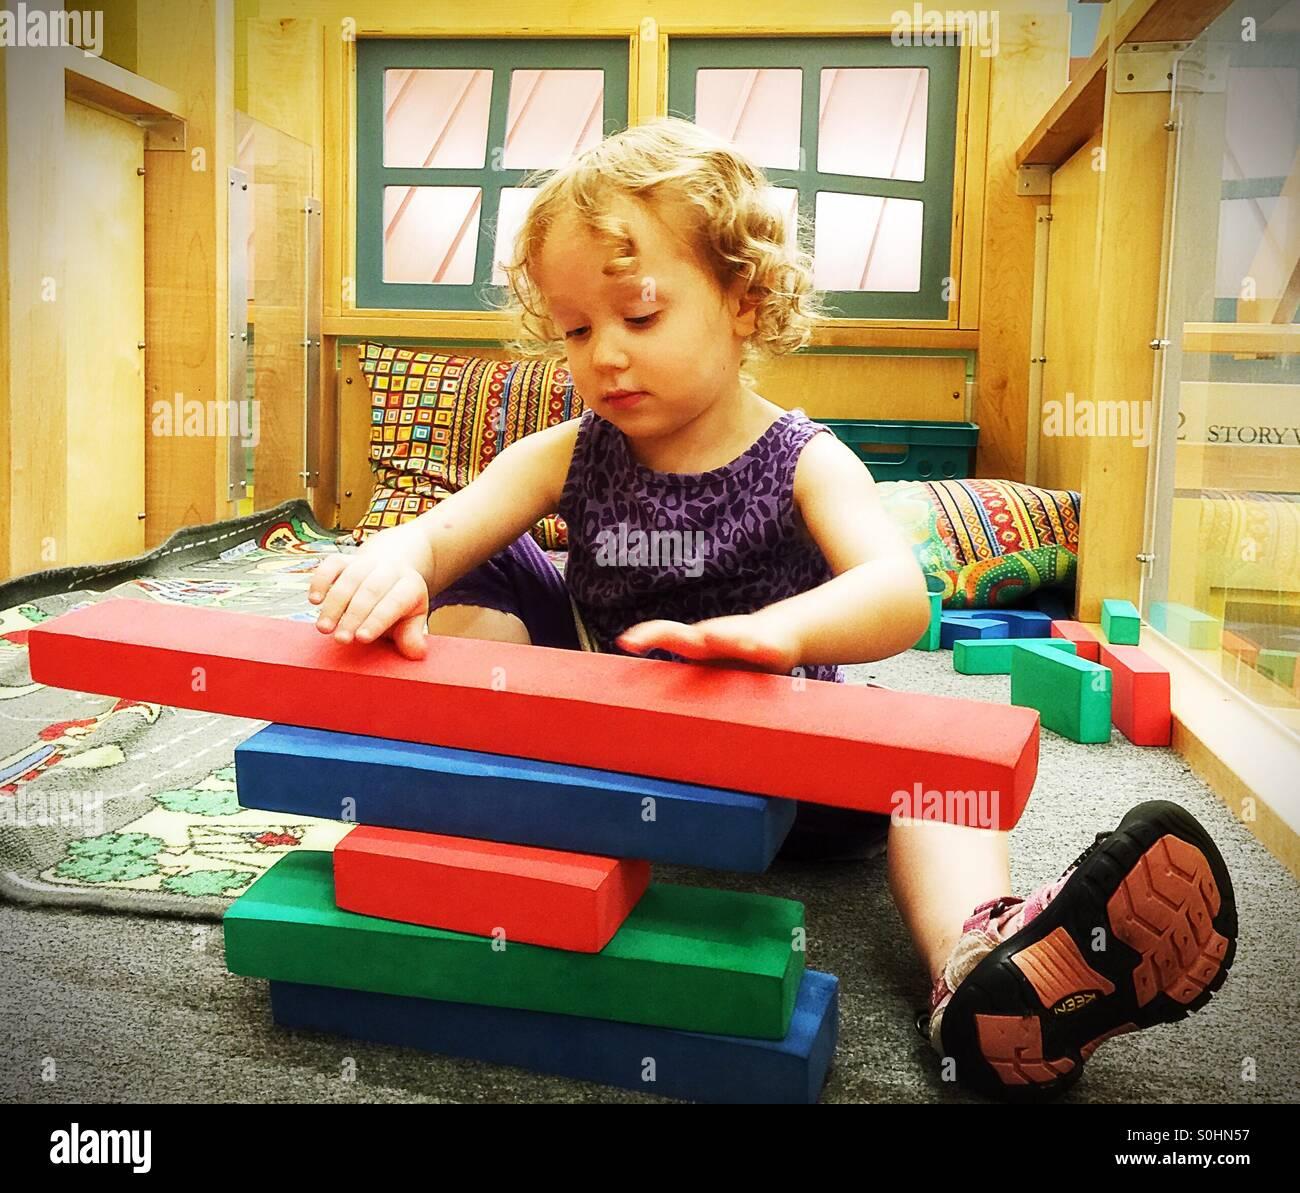 Preschooler building with blocks - Stock Image